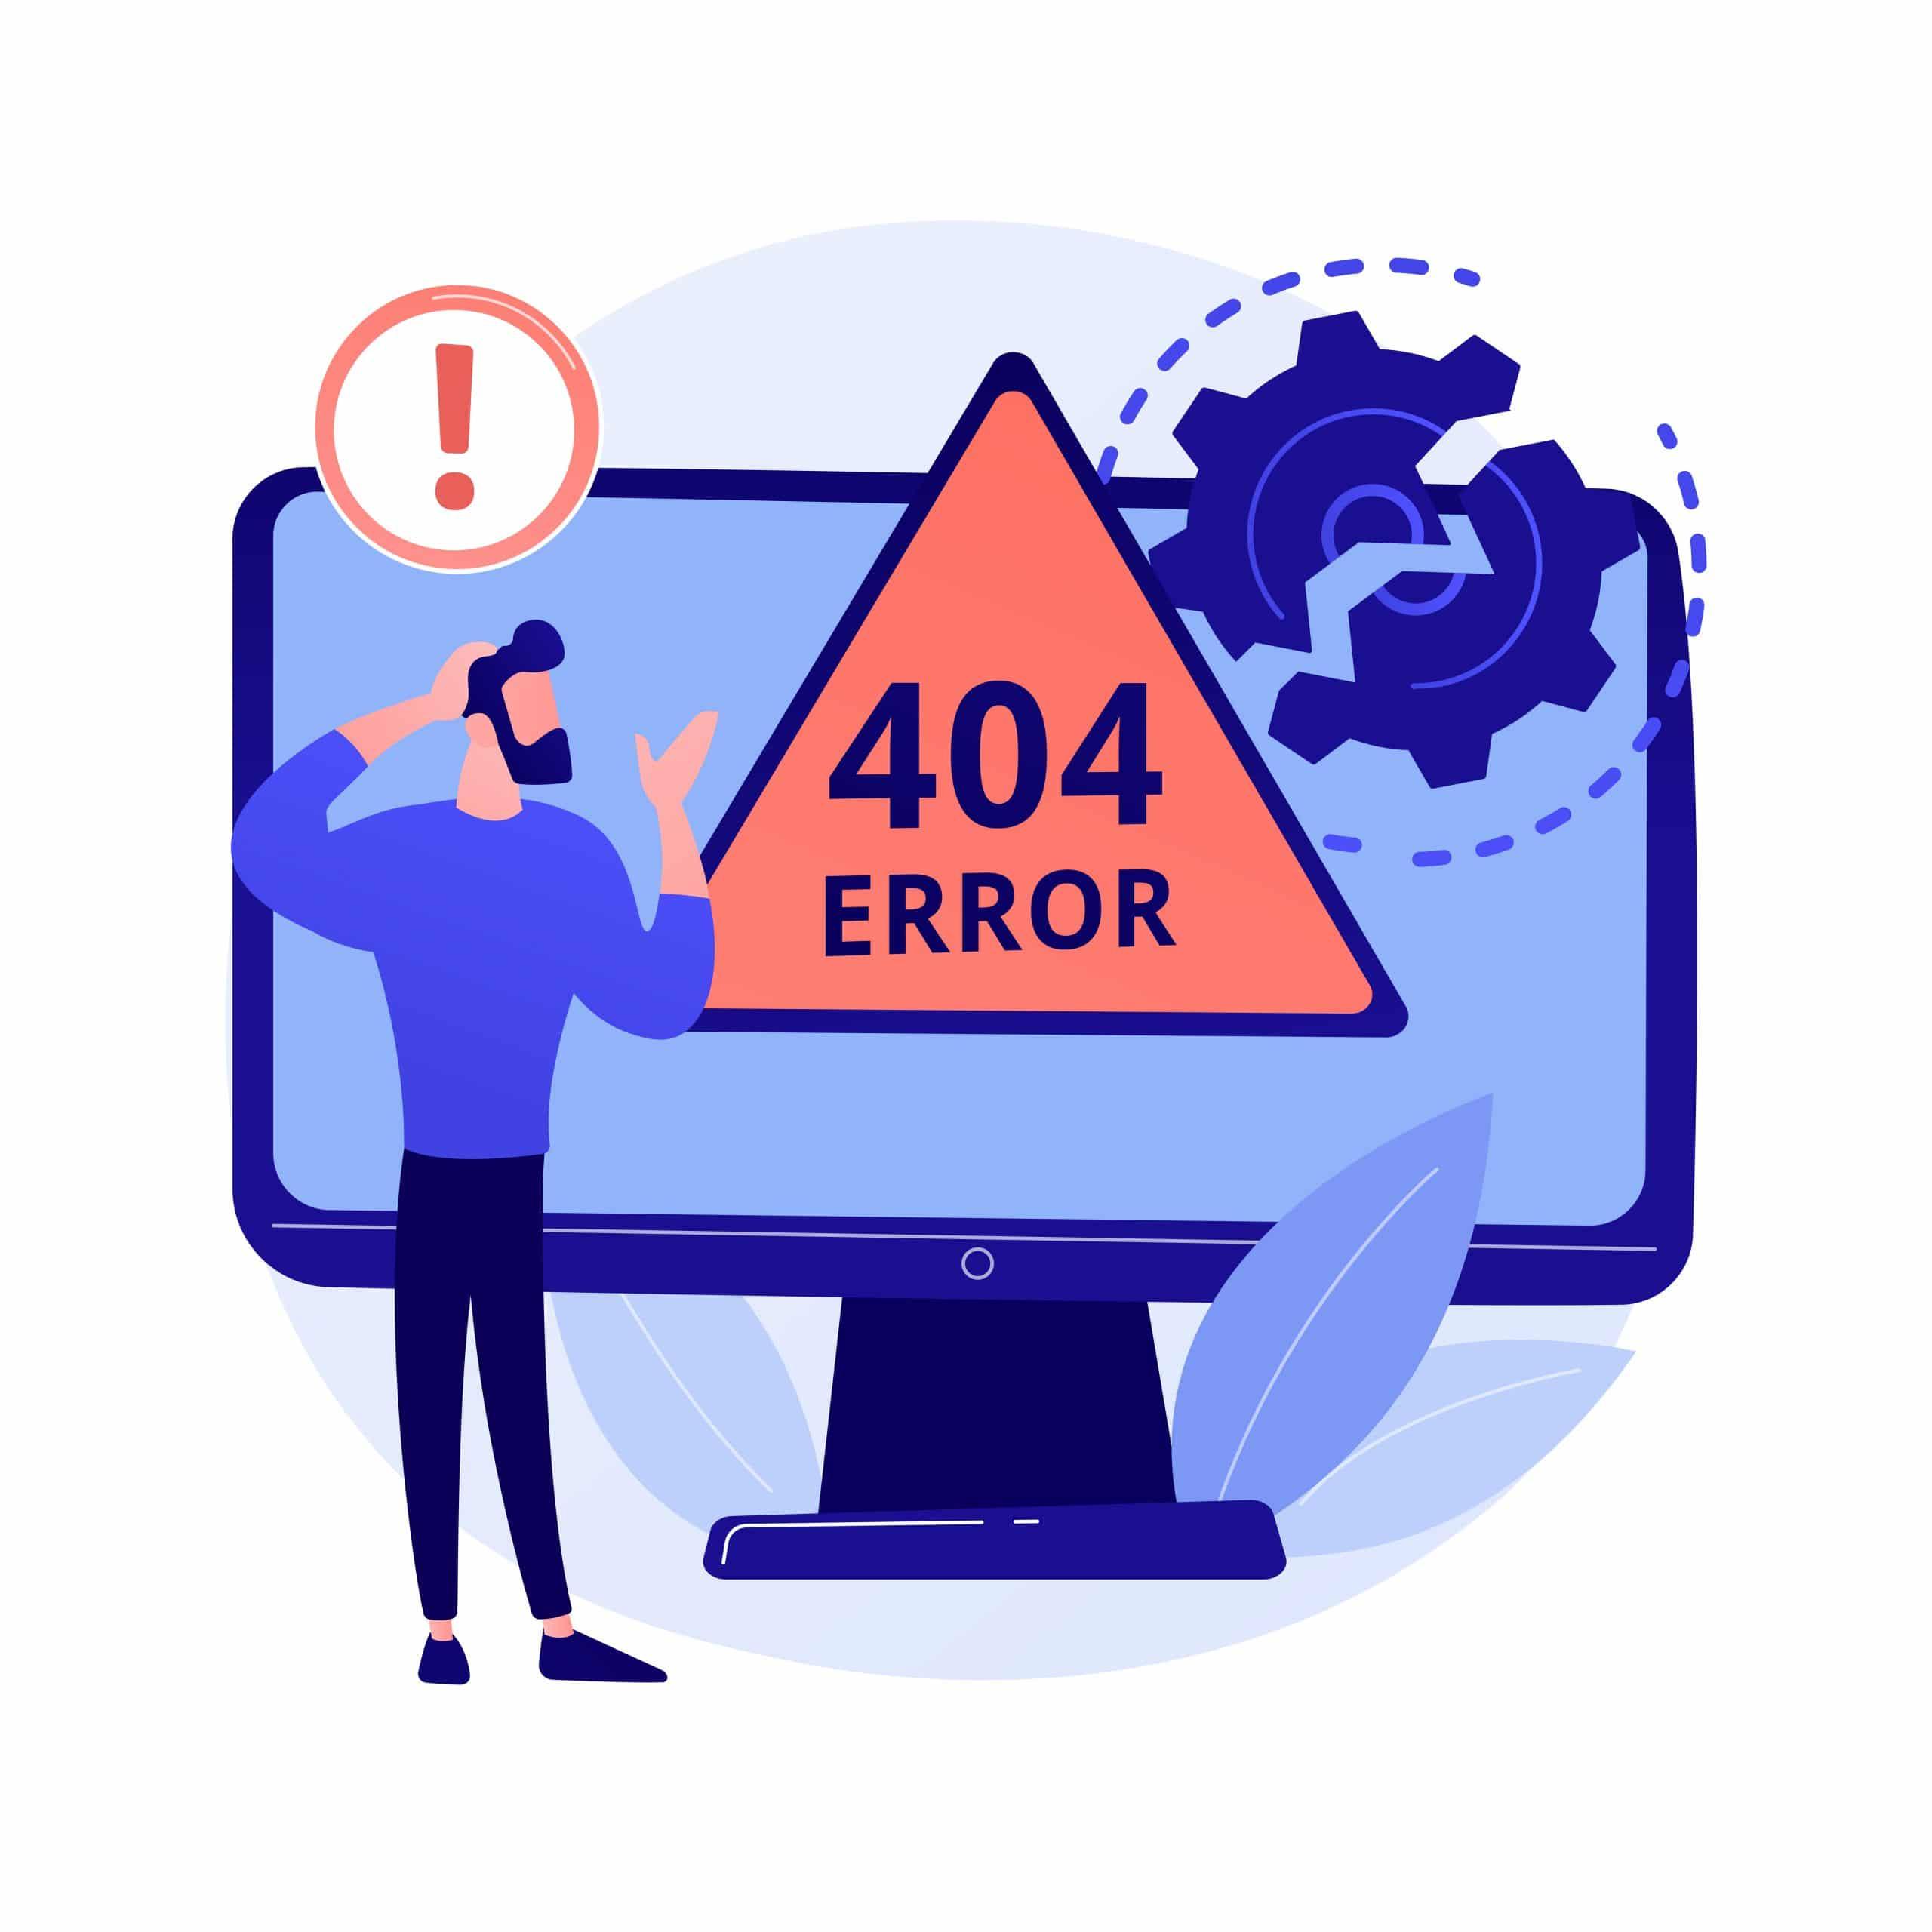 Error-Microsoft-Teams